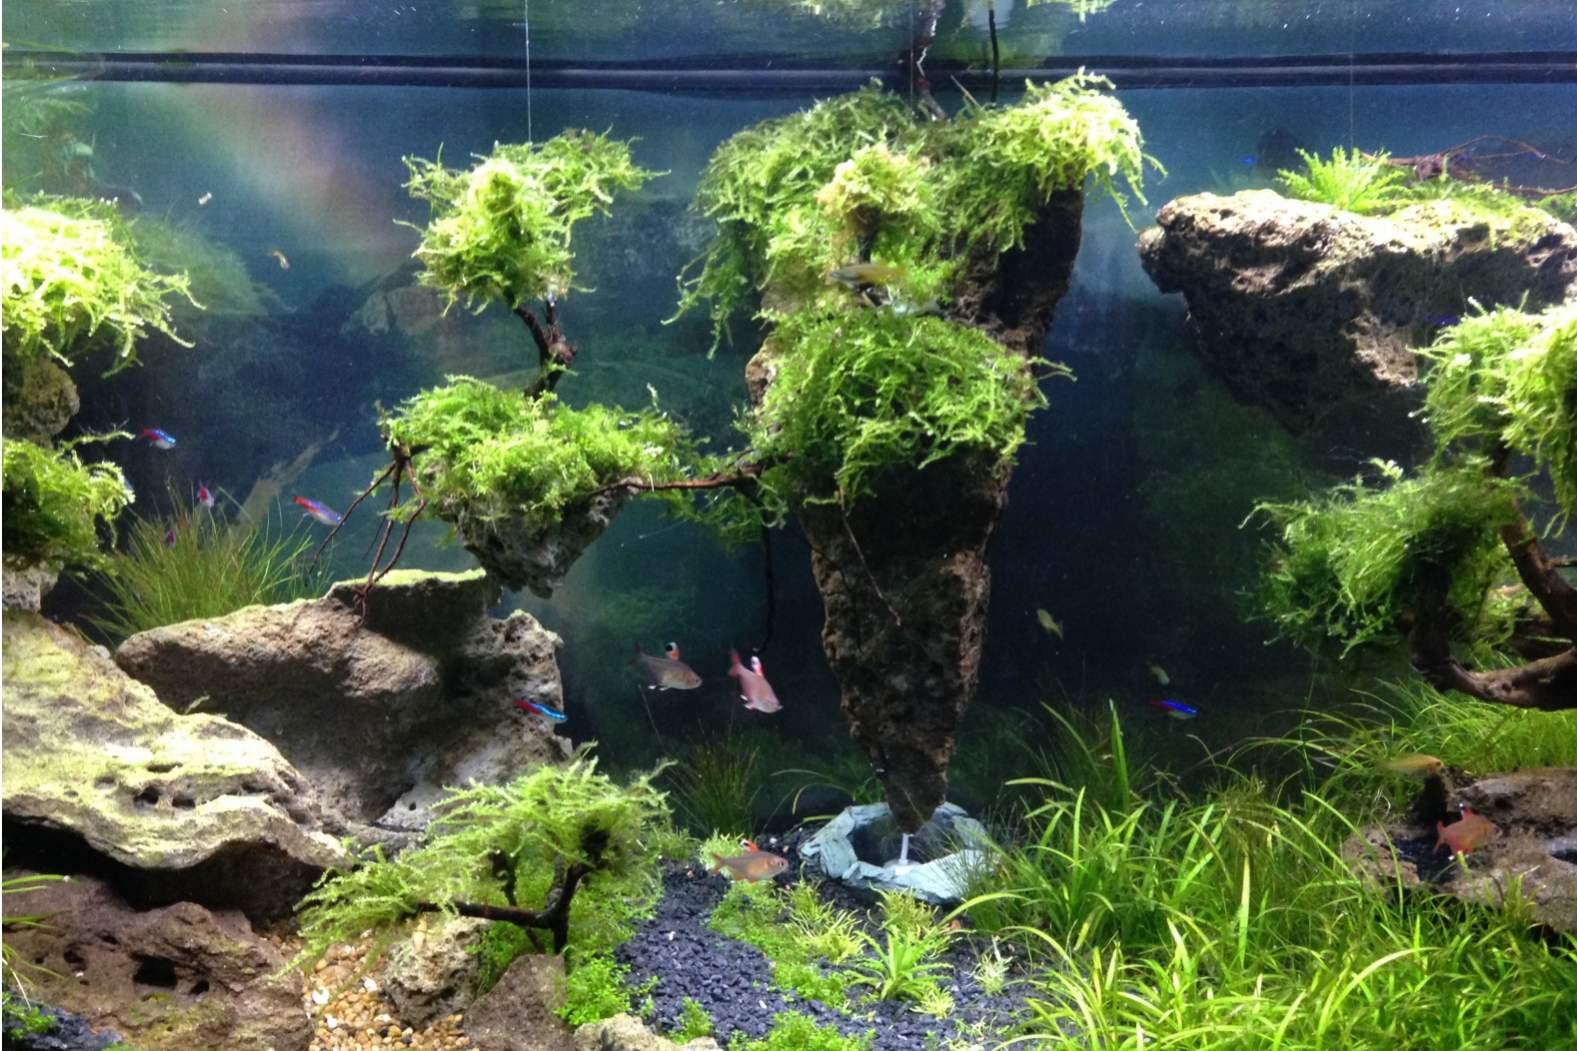 Aquascape Quot Floating Island Quot Pesona Alam Dalam Ruang Part 2 Oleh Moh Faisol Muttaqin